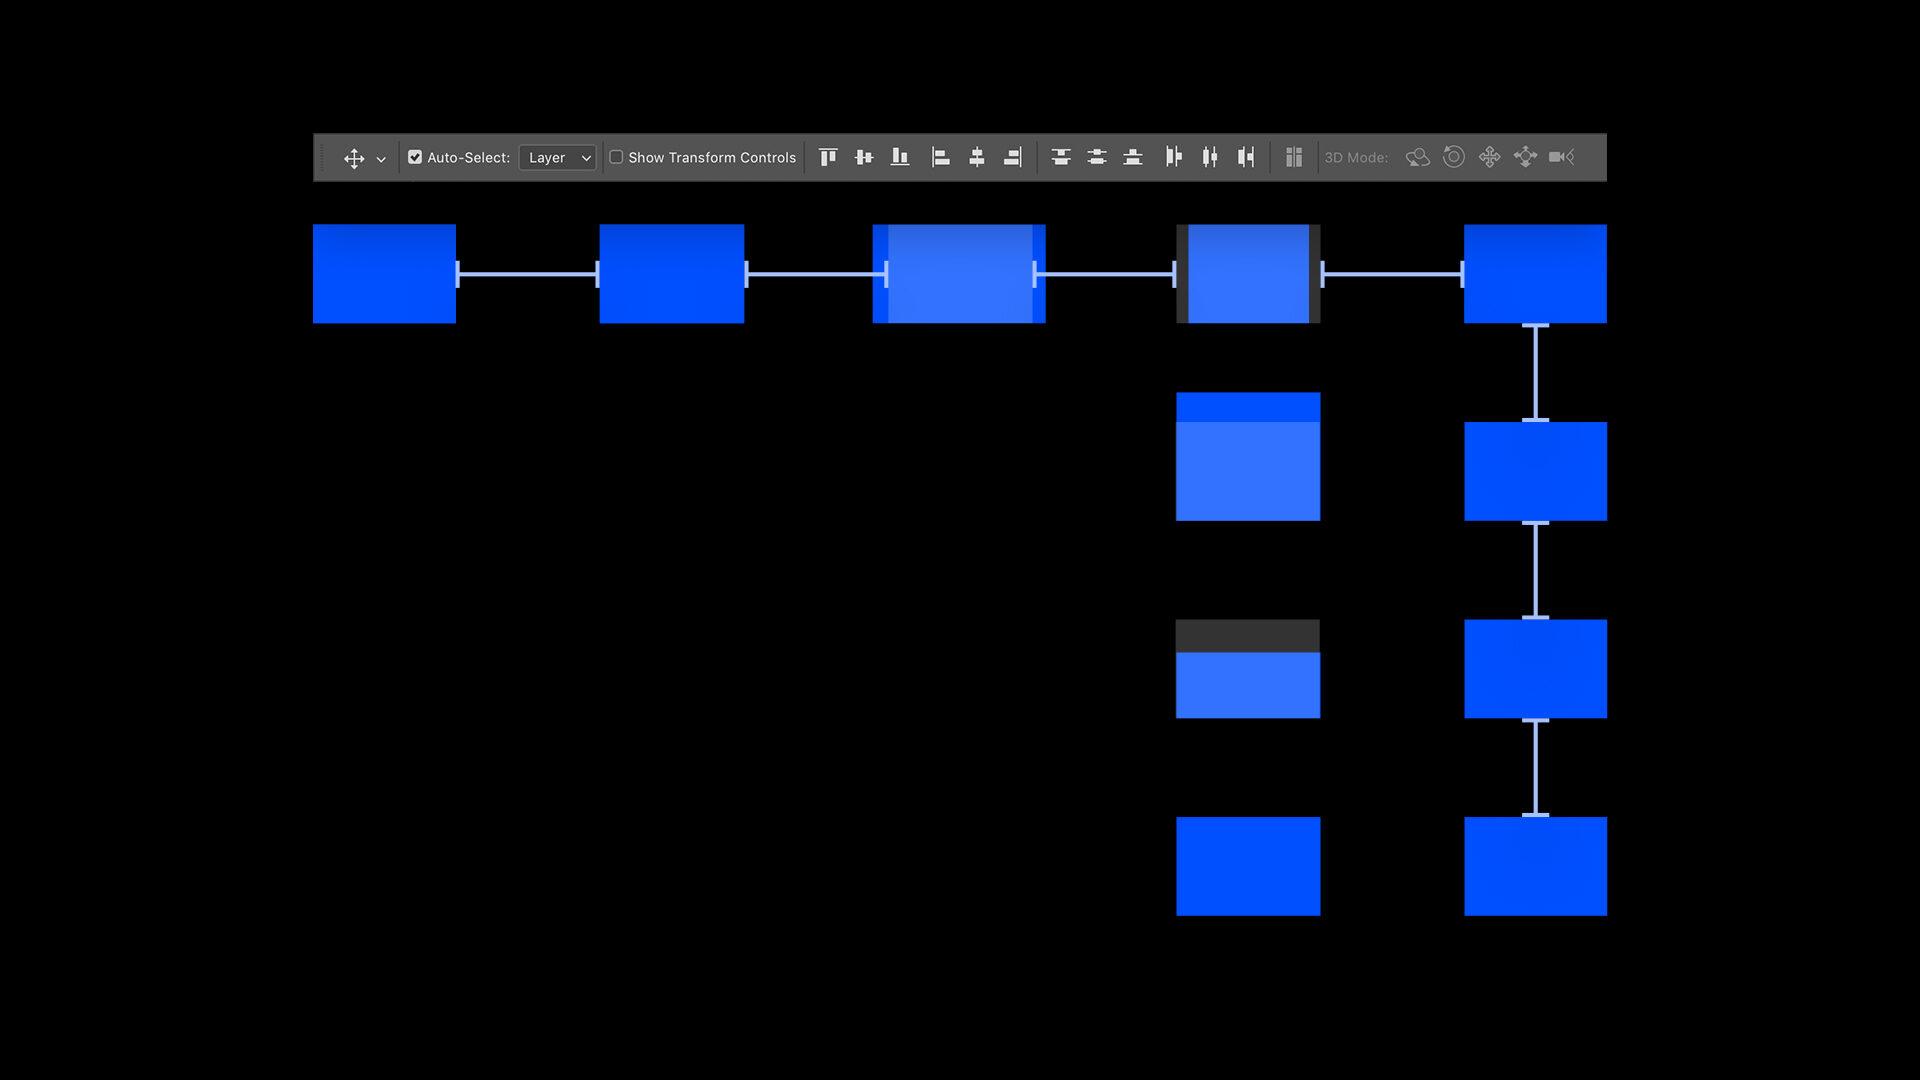 포토샵 기초 강좌 - 오브젝트 정렬하는 방법